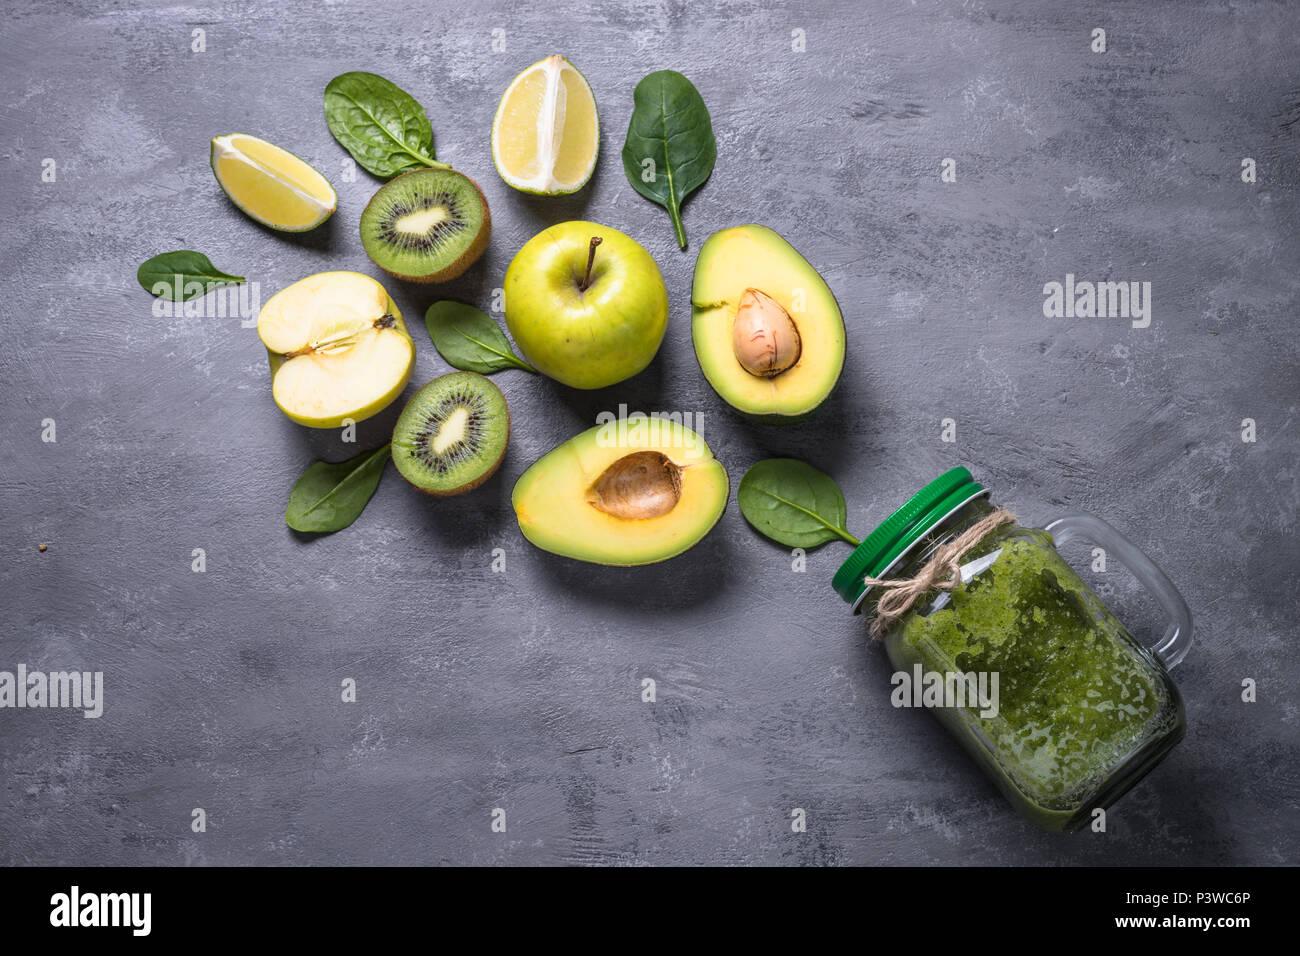 Frullato di verde a mason jar e ingredienti. Superfoods, detox, dieta alimenti sani. Lime, Apple, spinaci avocado e lime Immagini Stock